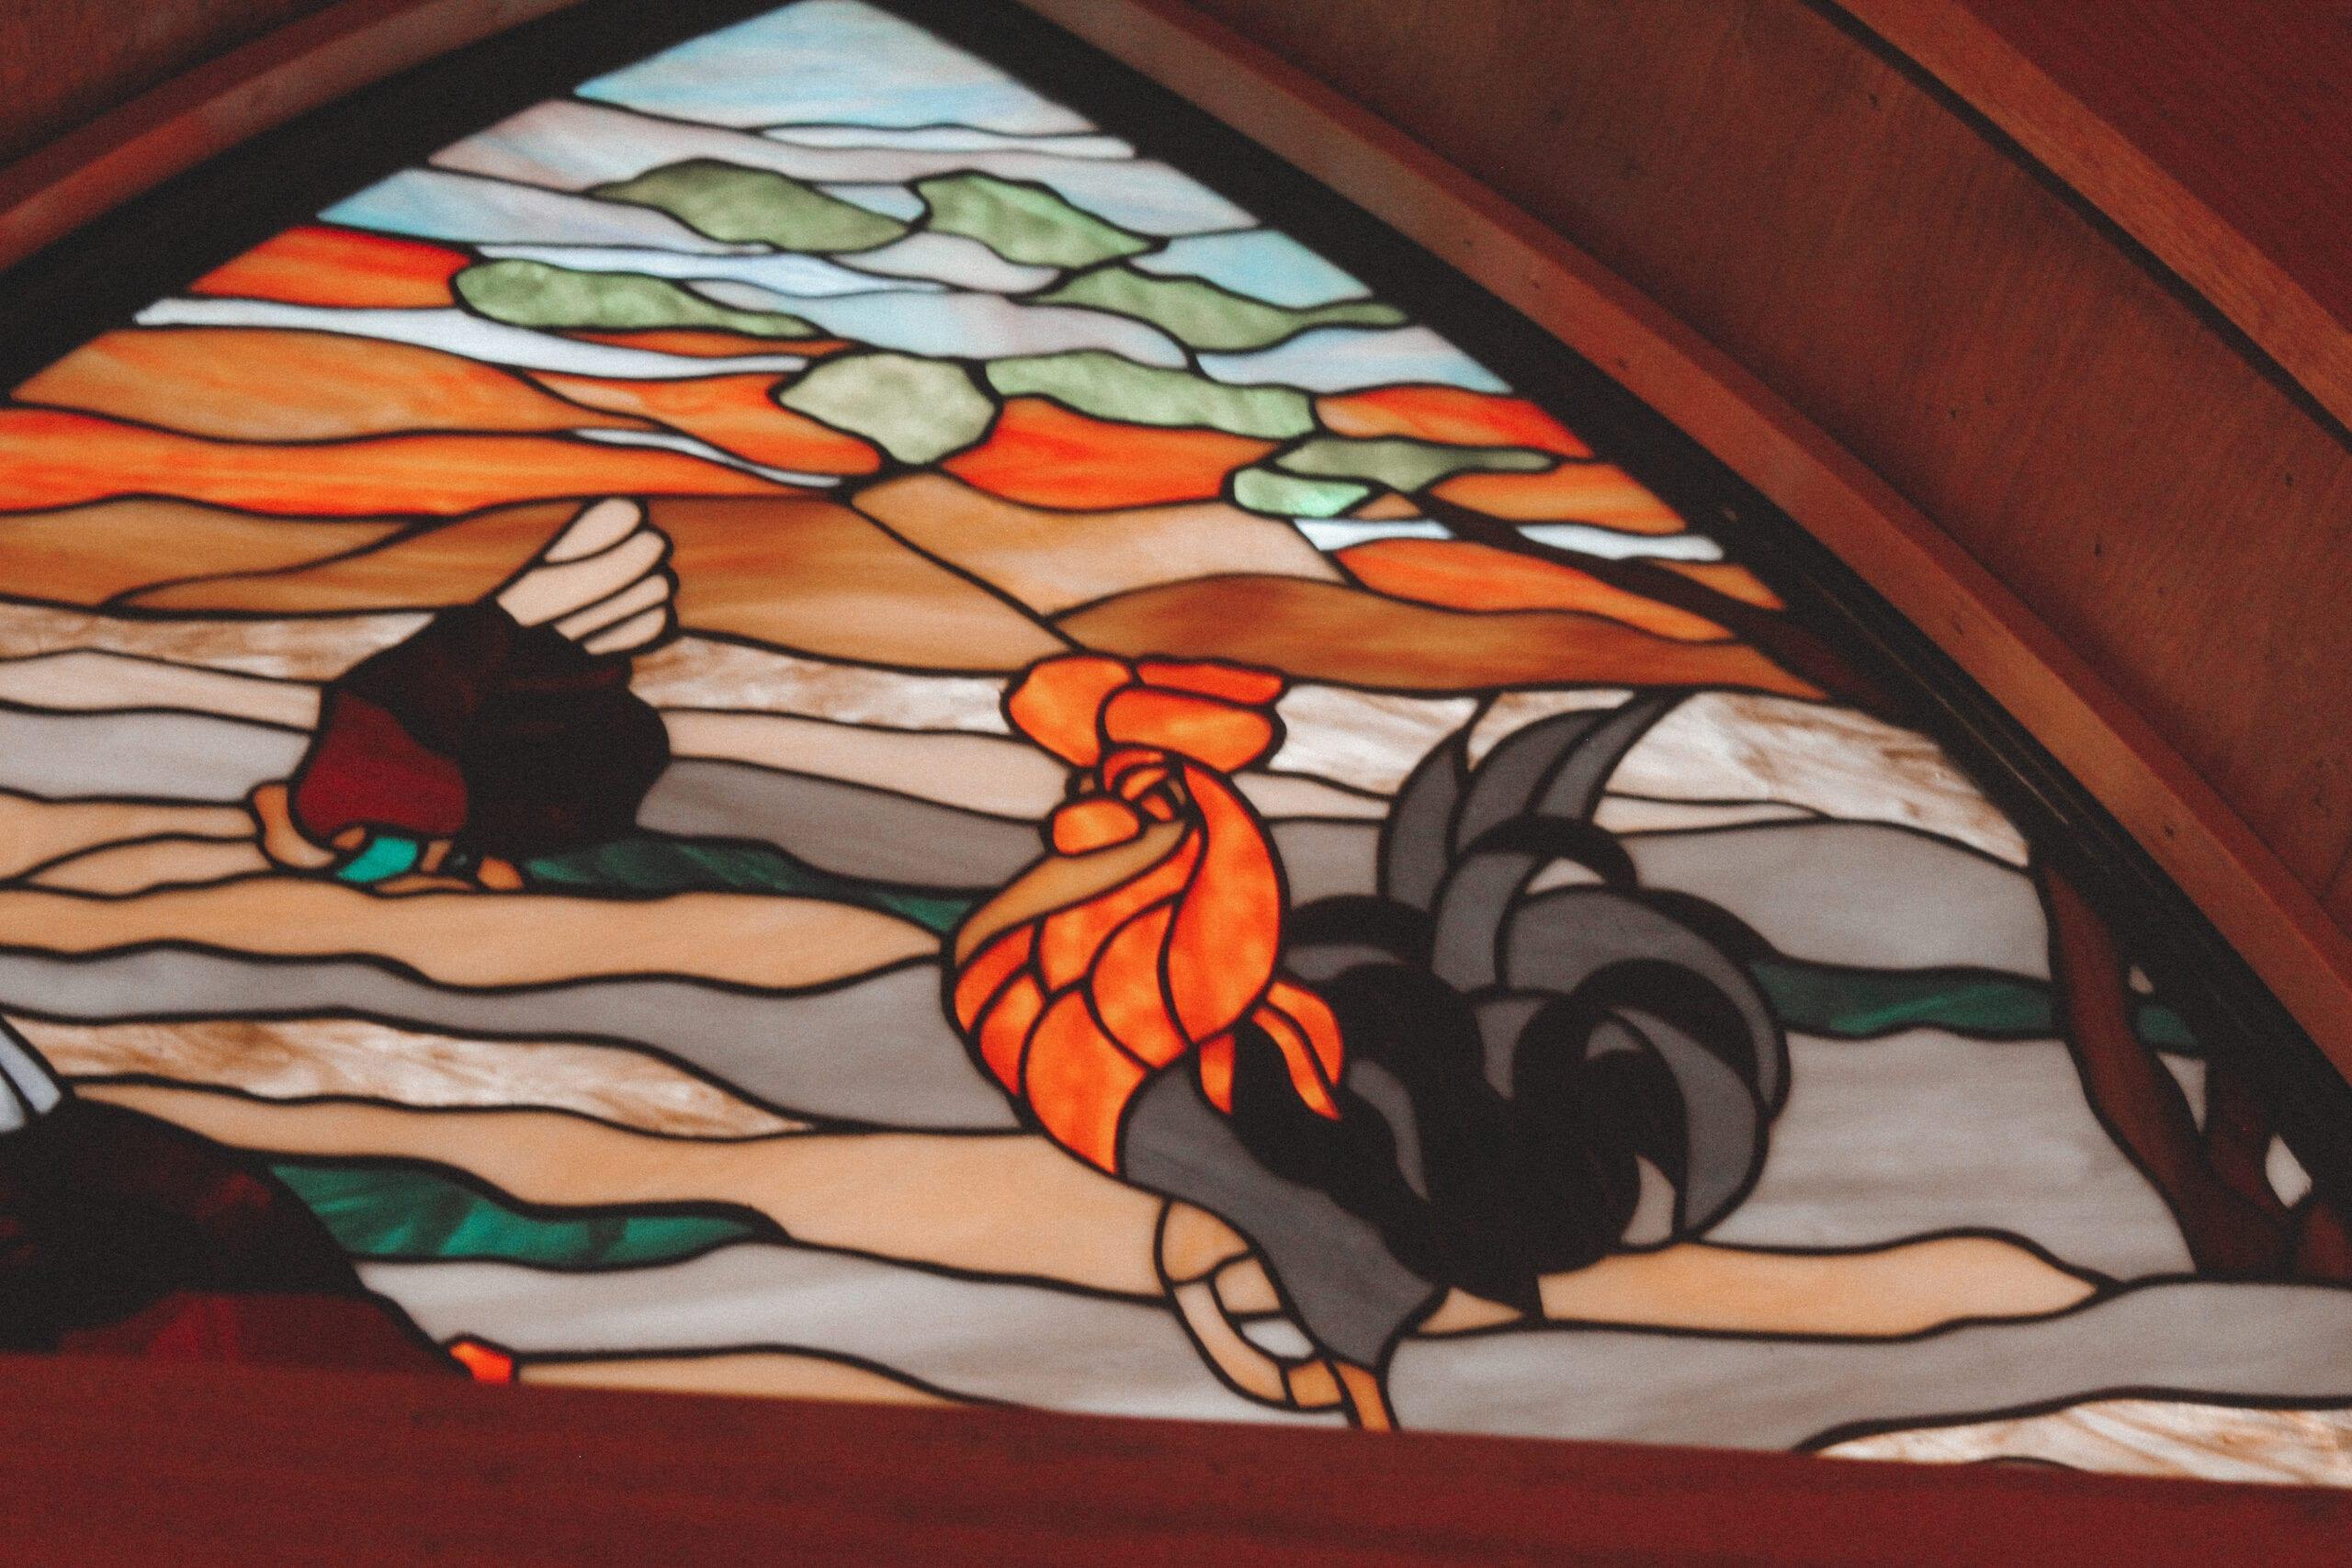 stainedglass6